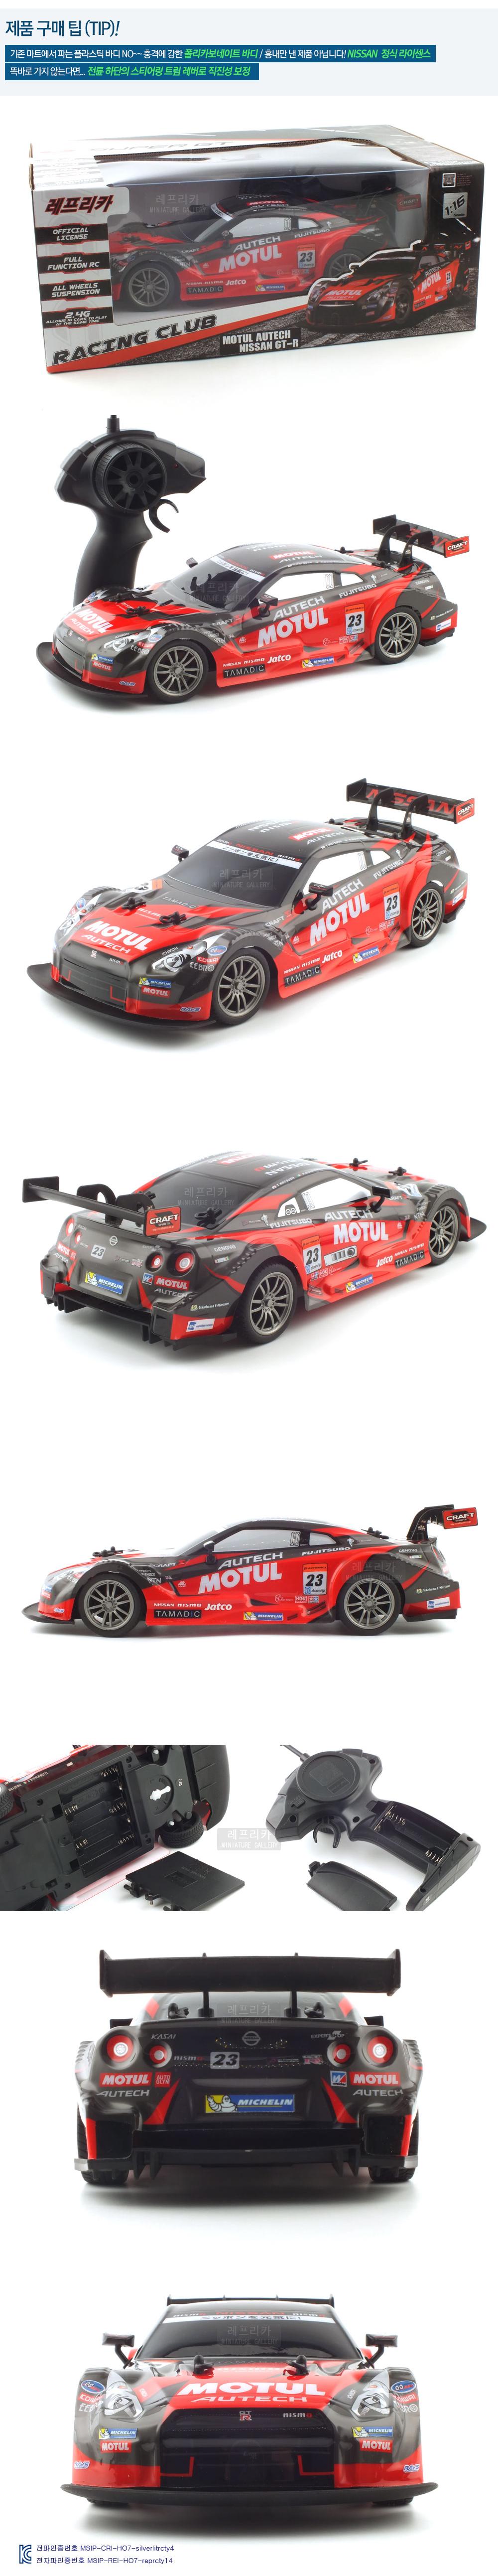 닛산 GT500 - Motul Autech (HEX990357DE)RC - 레프리카, 60,000원, R/C 카, 전동 R/C카